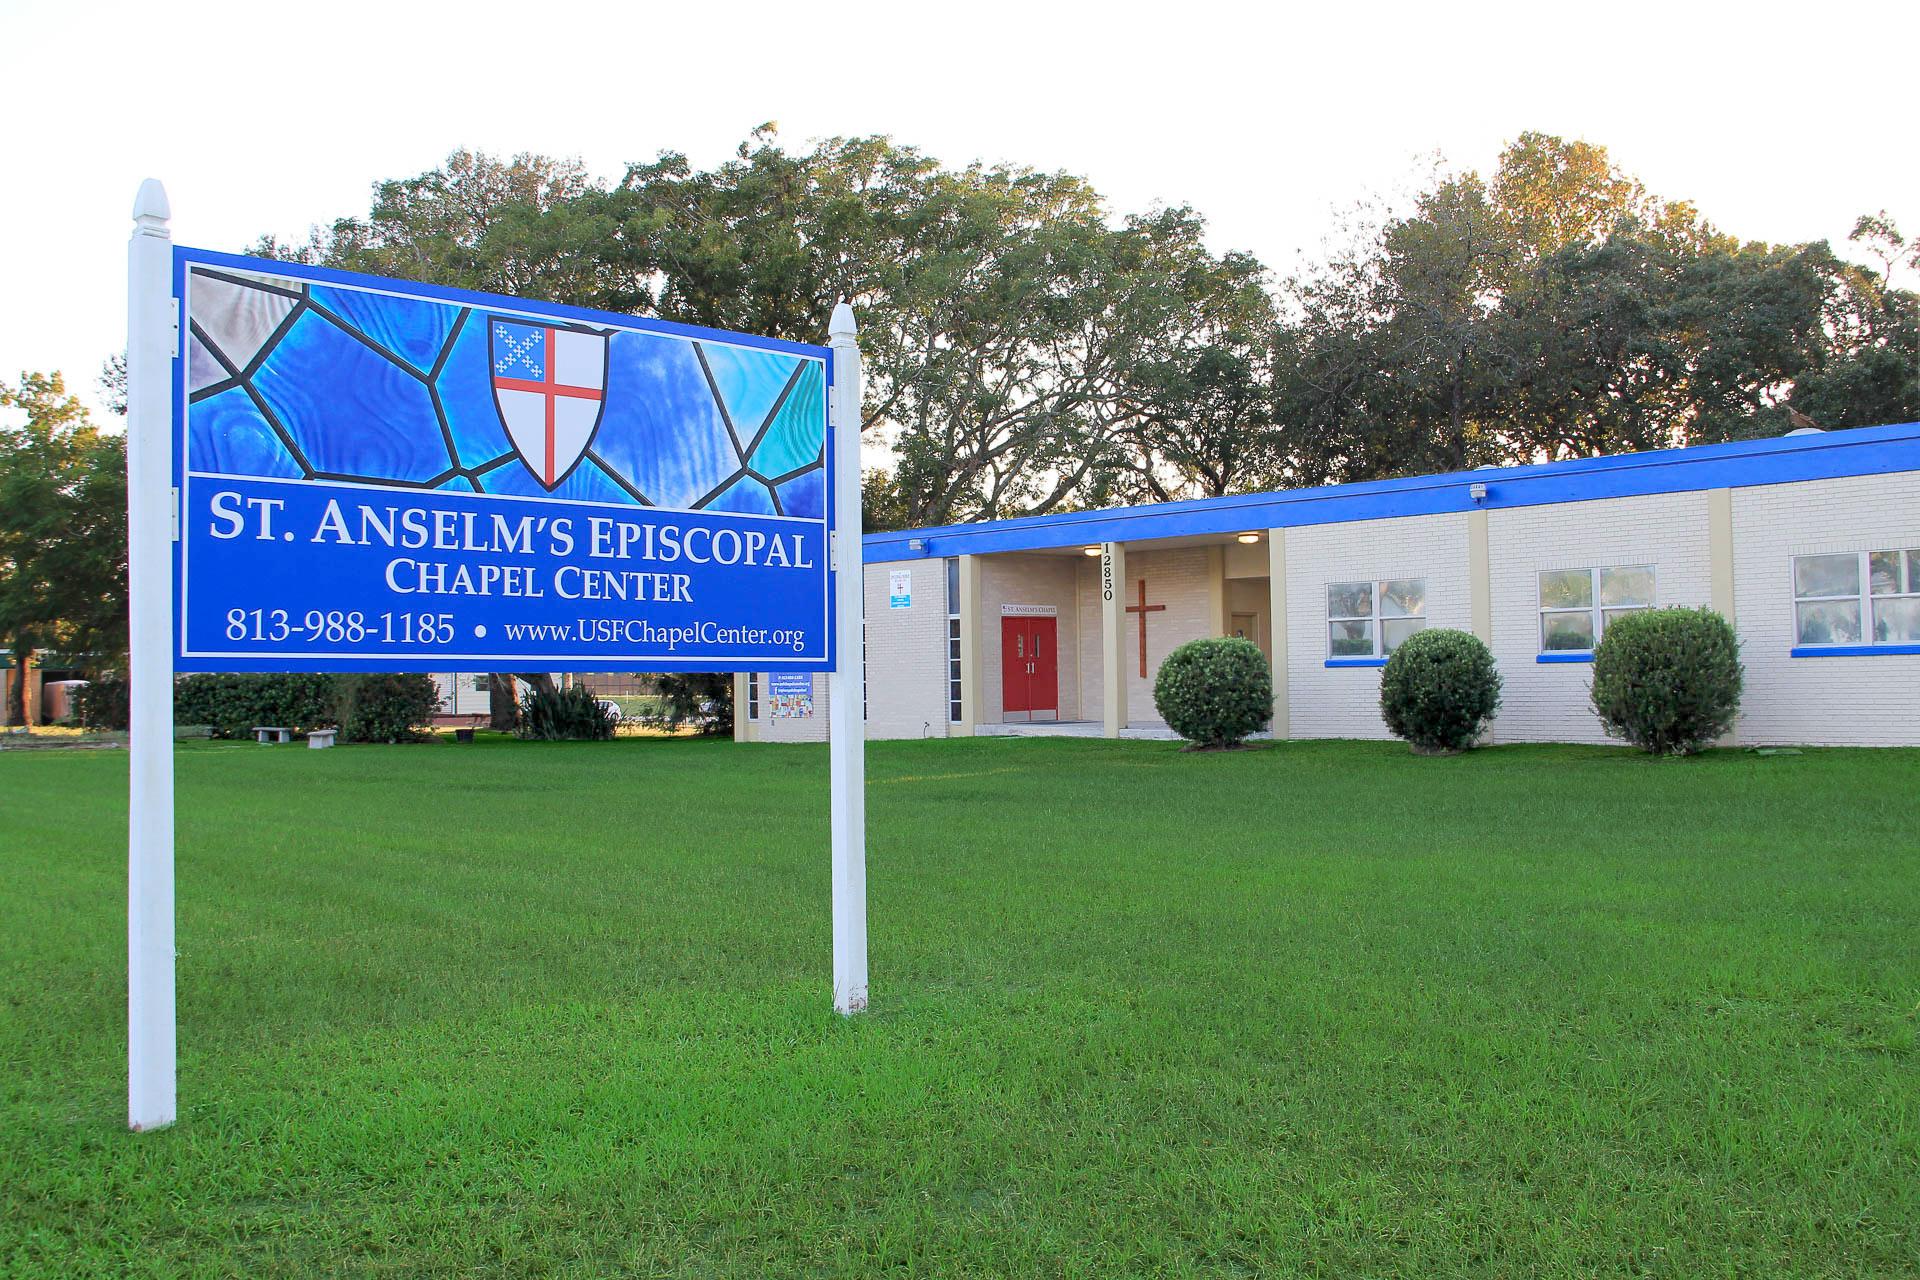 st-anselms-episcopal-chapel-center-eastside-02